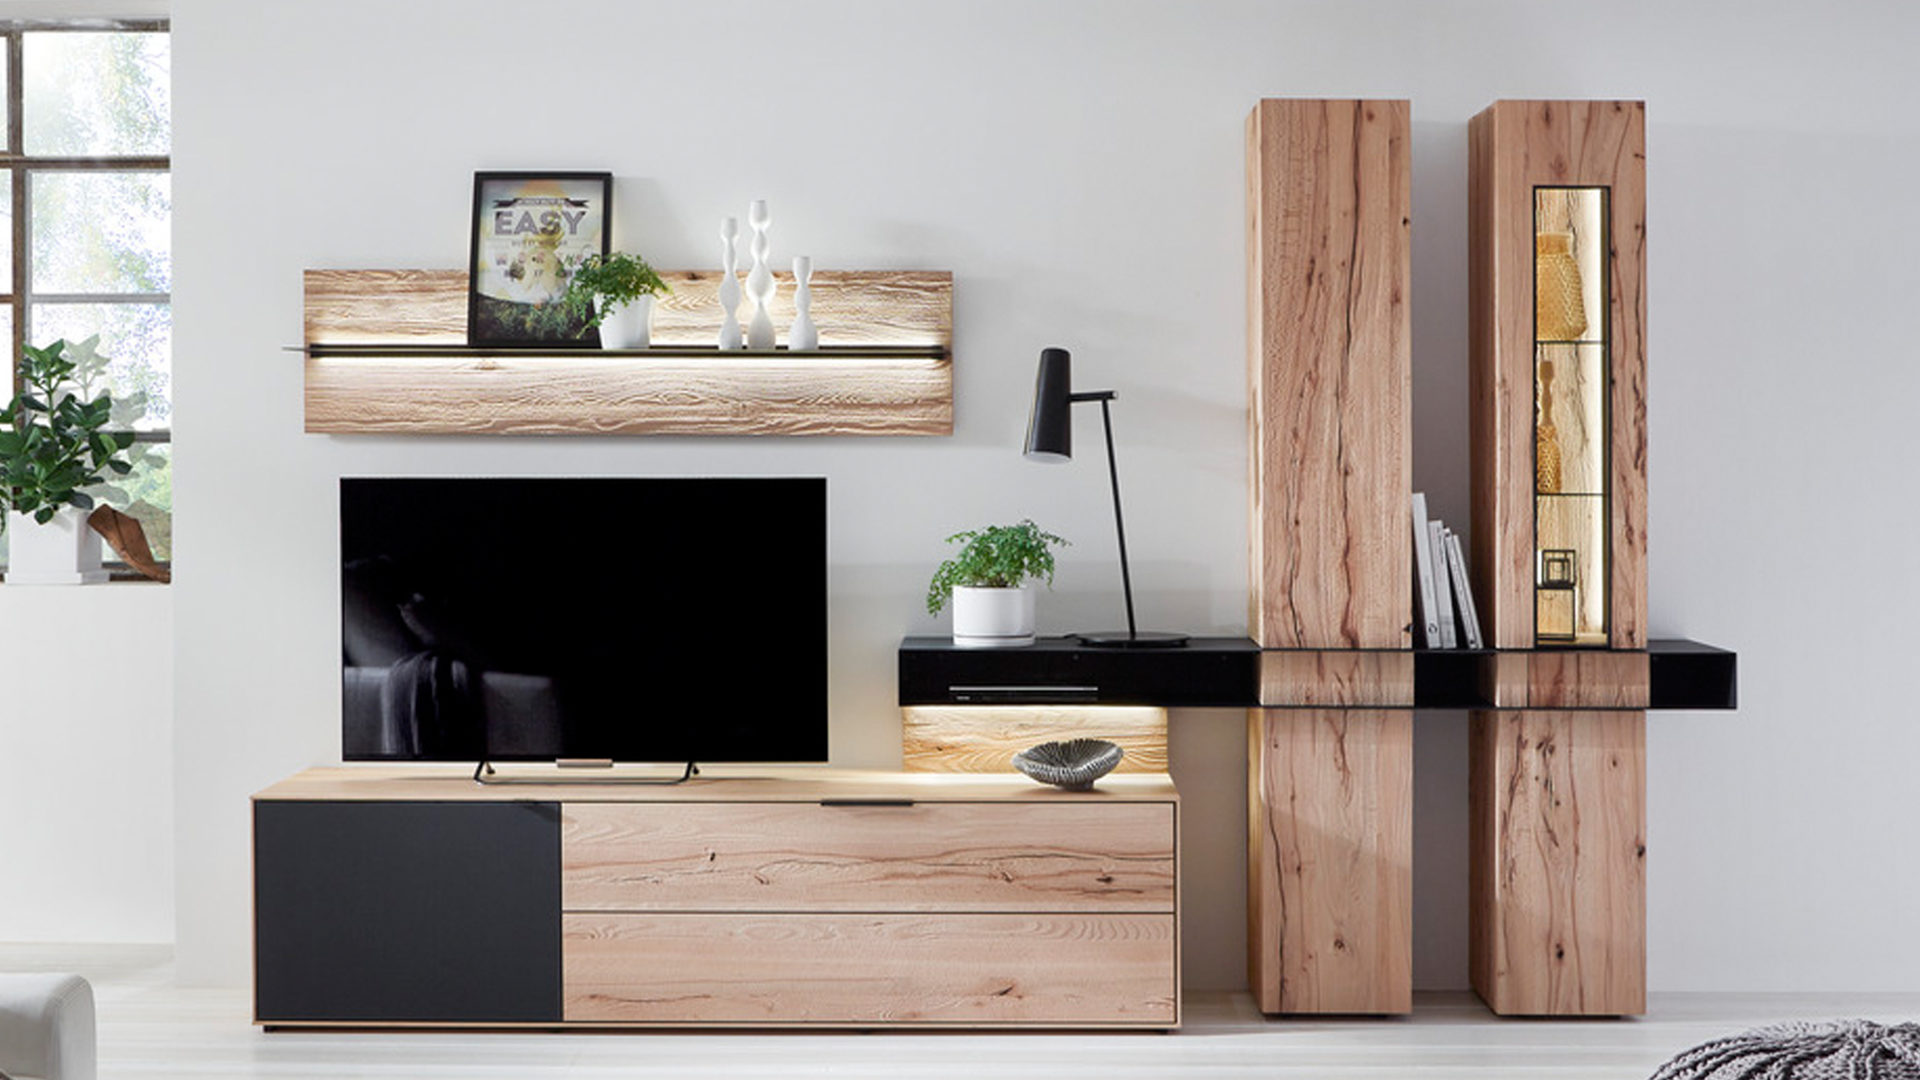 holz schrank wohnzimmer einrichtung, hertel möbel e.k. gesees, räume, wohnzimmer, schränke + wohnwände, Design ideen